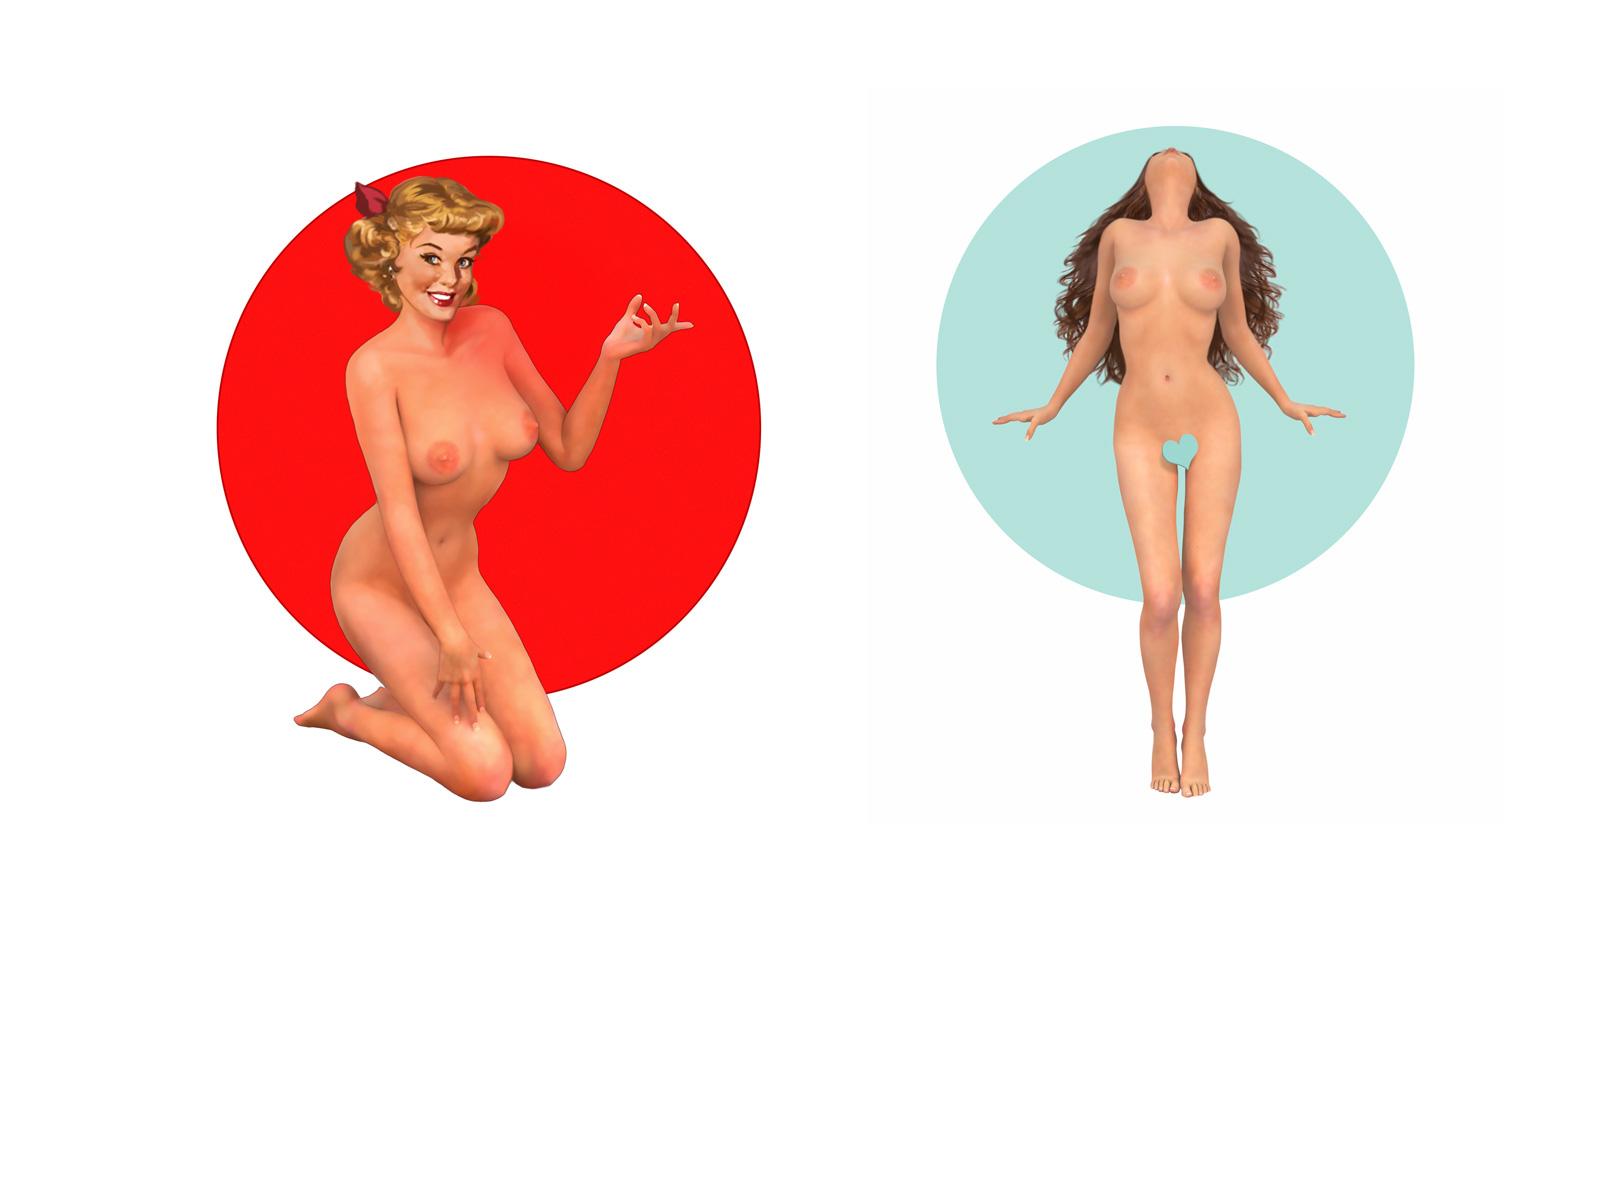 LAVERDET3DMarcel-Illustrations-PIN-UP-4685